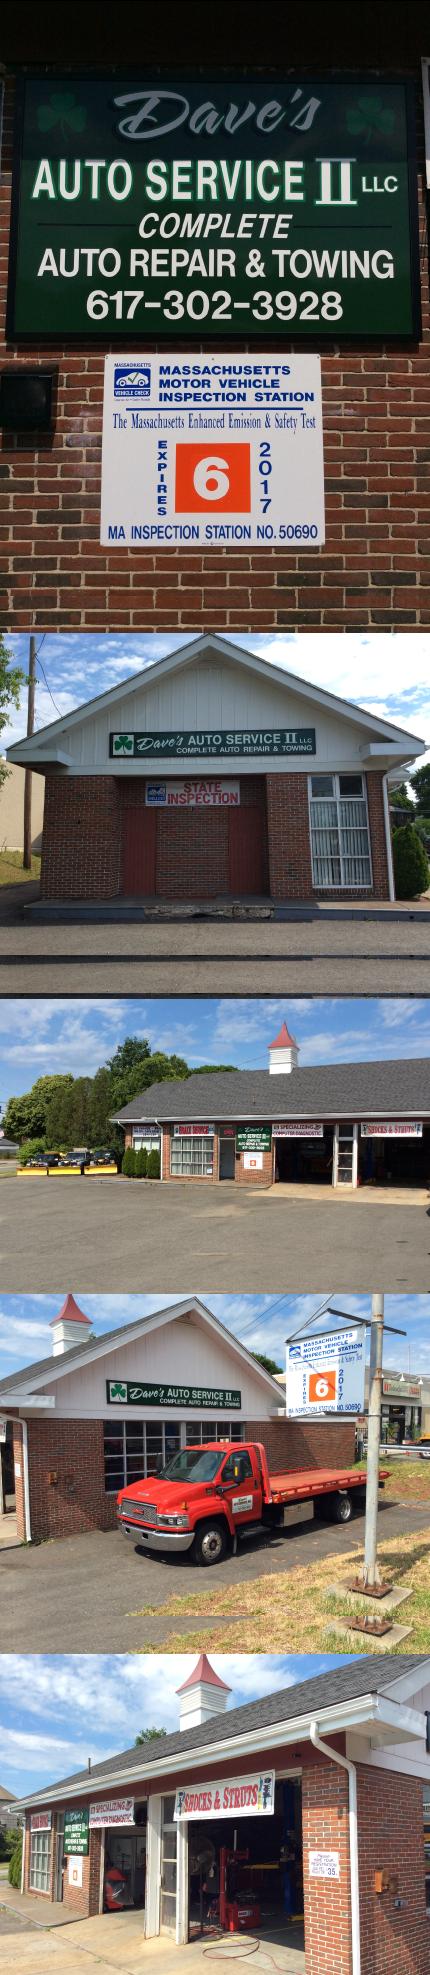 Dave's Auto Service - 2, Squantum | Quincy, MA - Dave's Auto Service Inc.